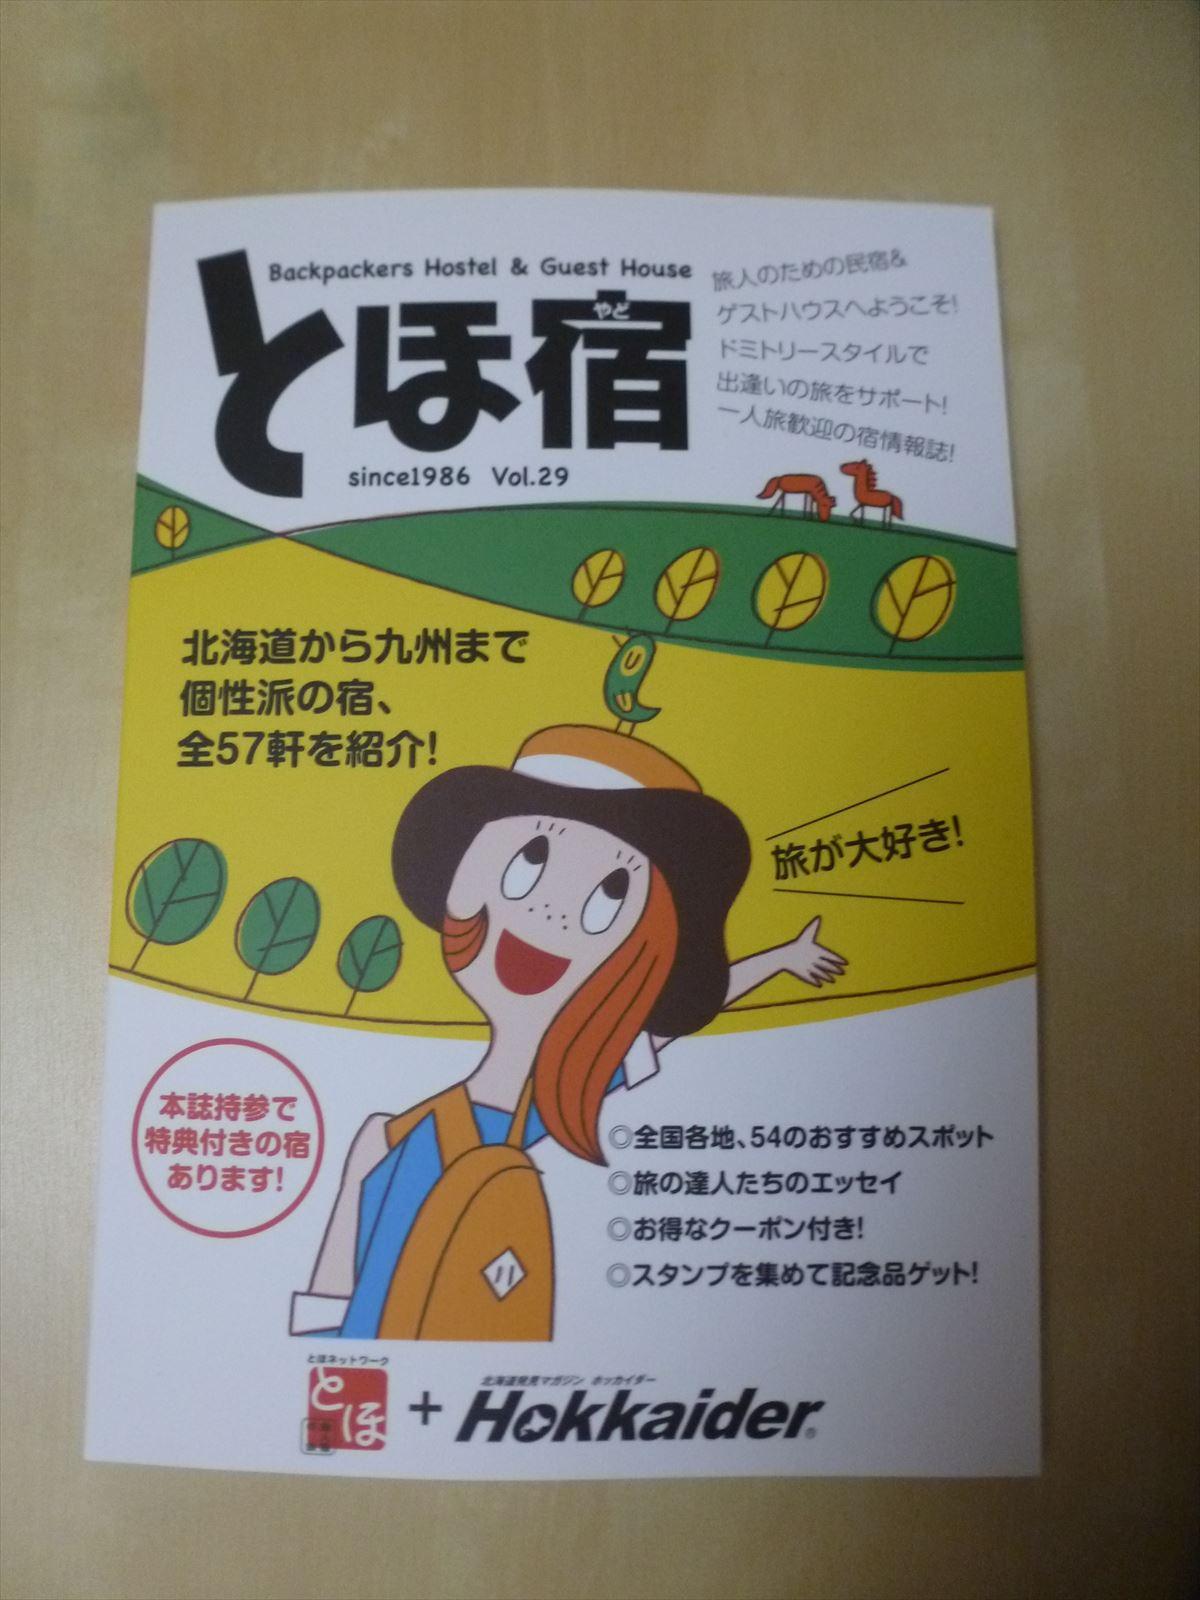 「とほ宿」の本を持って旅をしよう!のイメージ